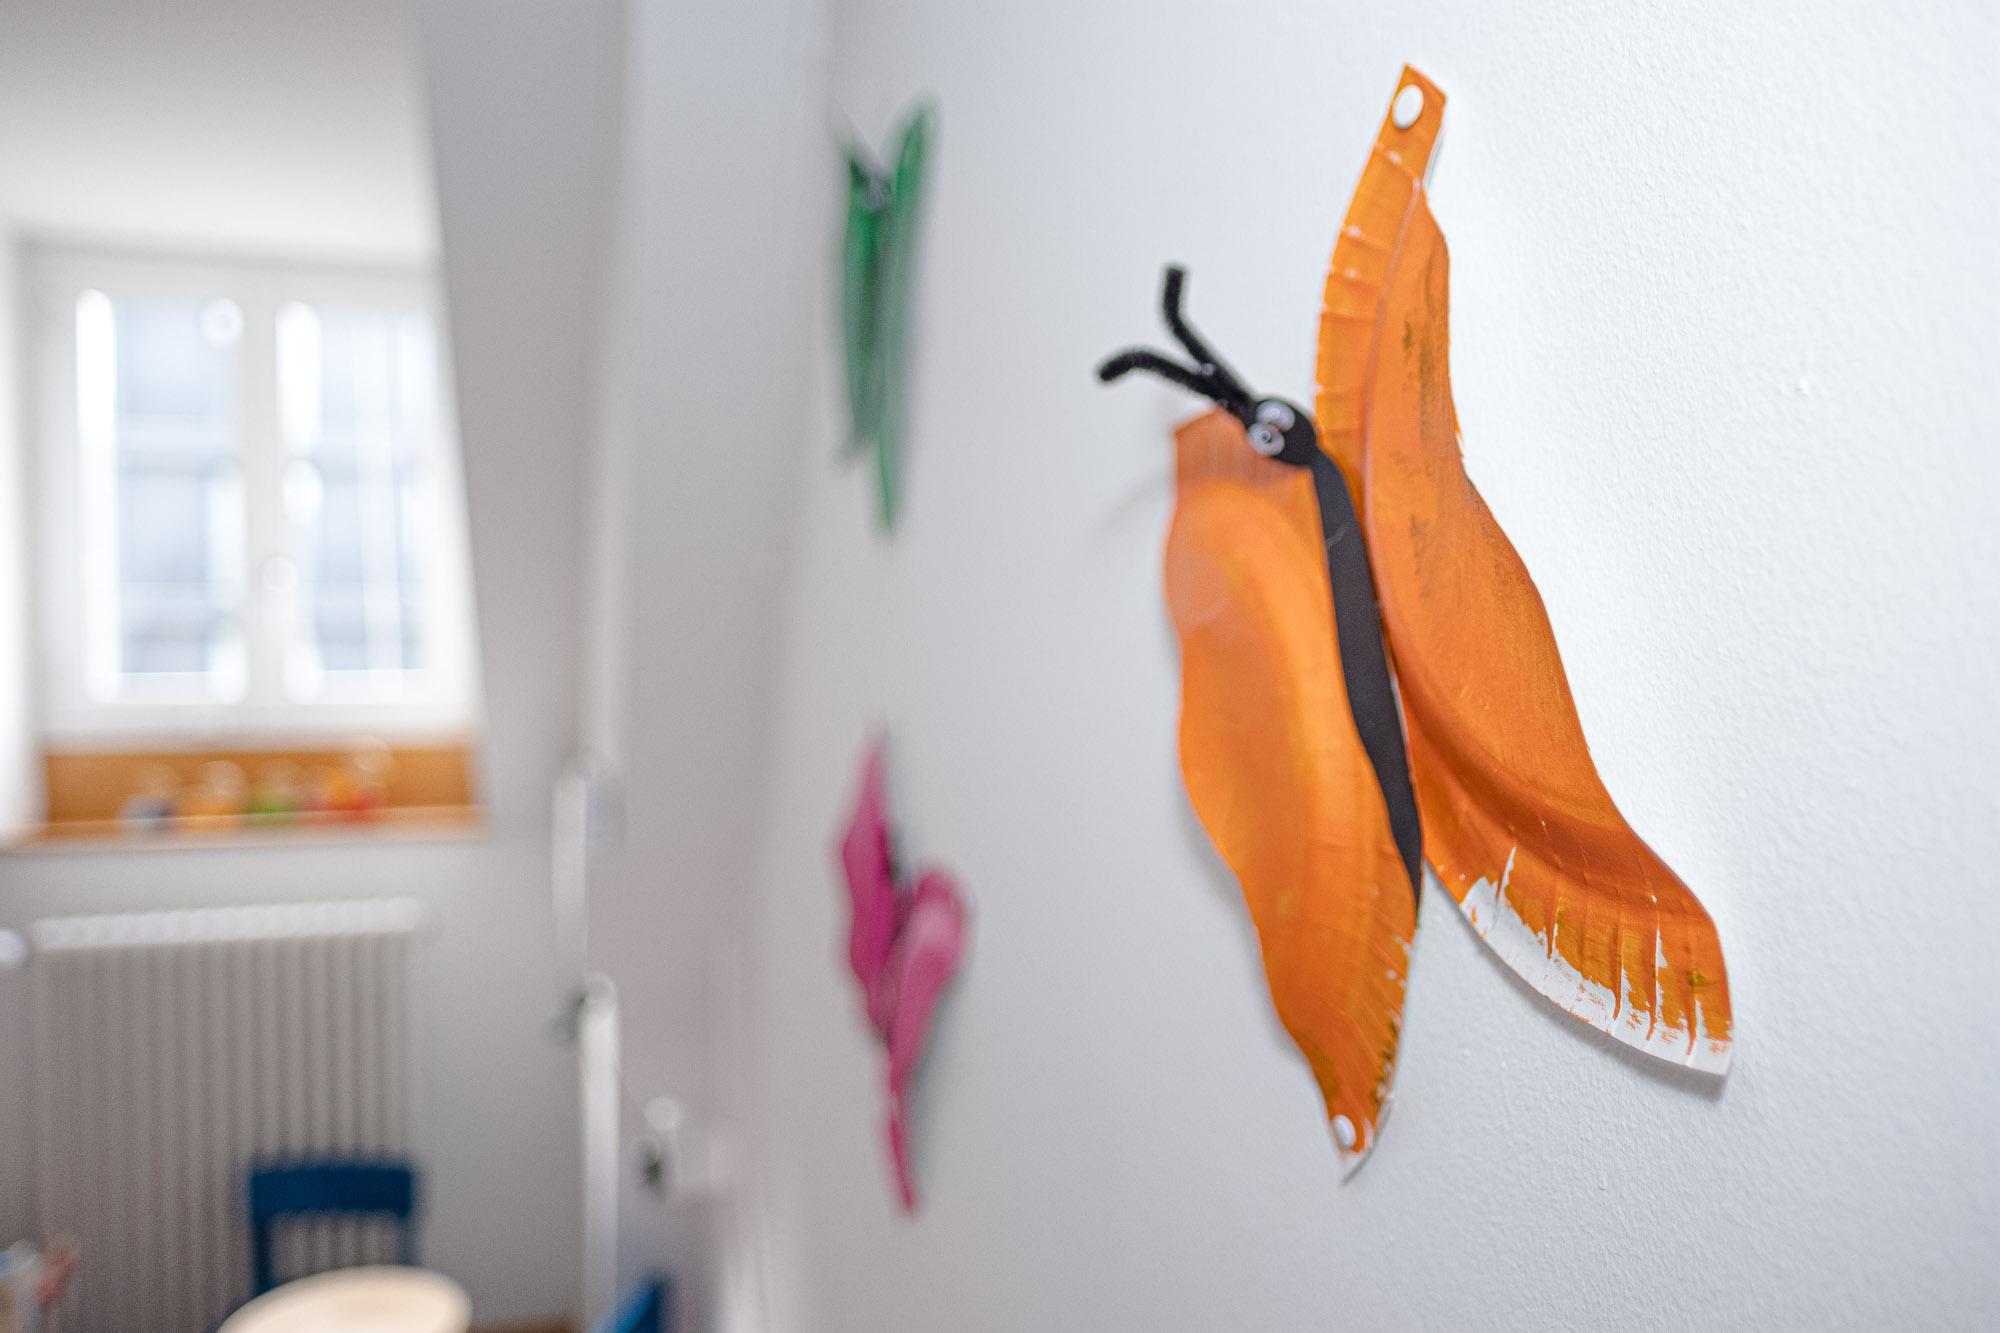 Rhy-Spatze-Schmetterlinge an Wand